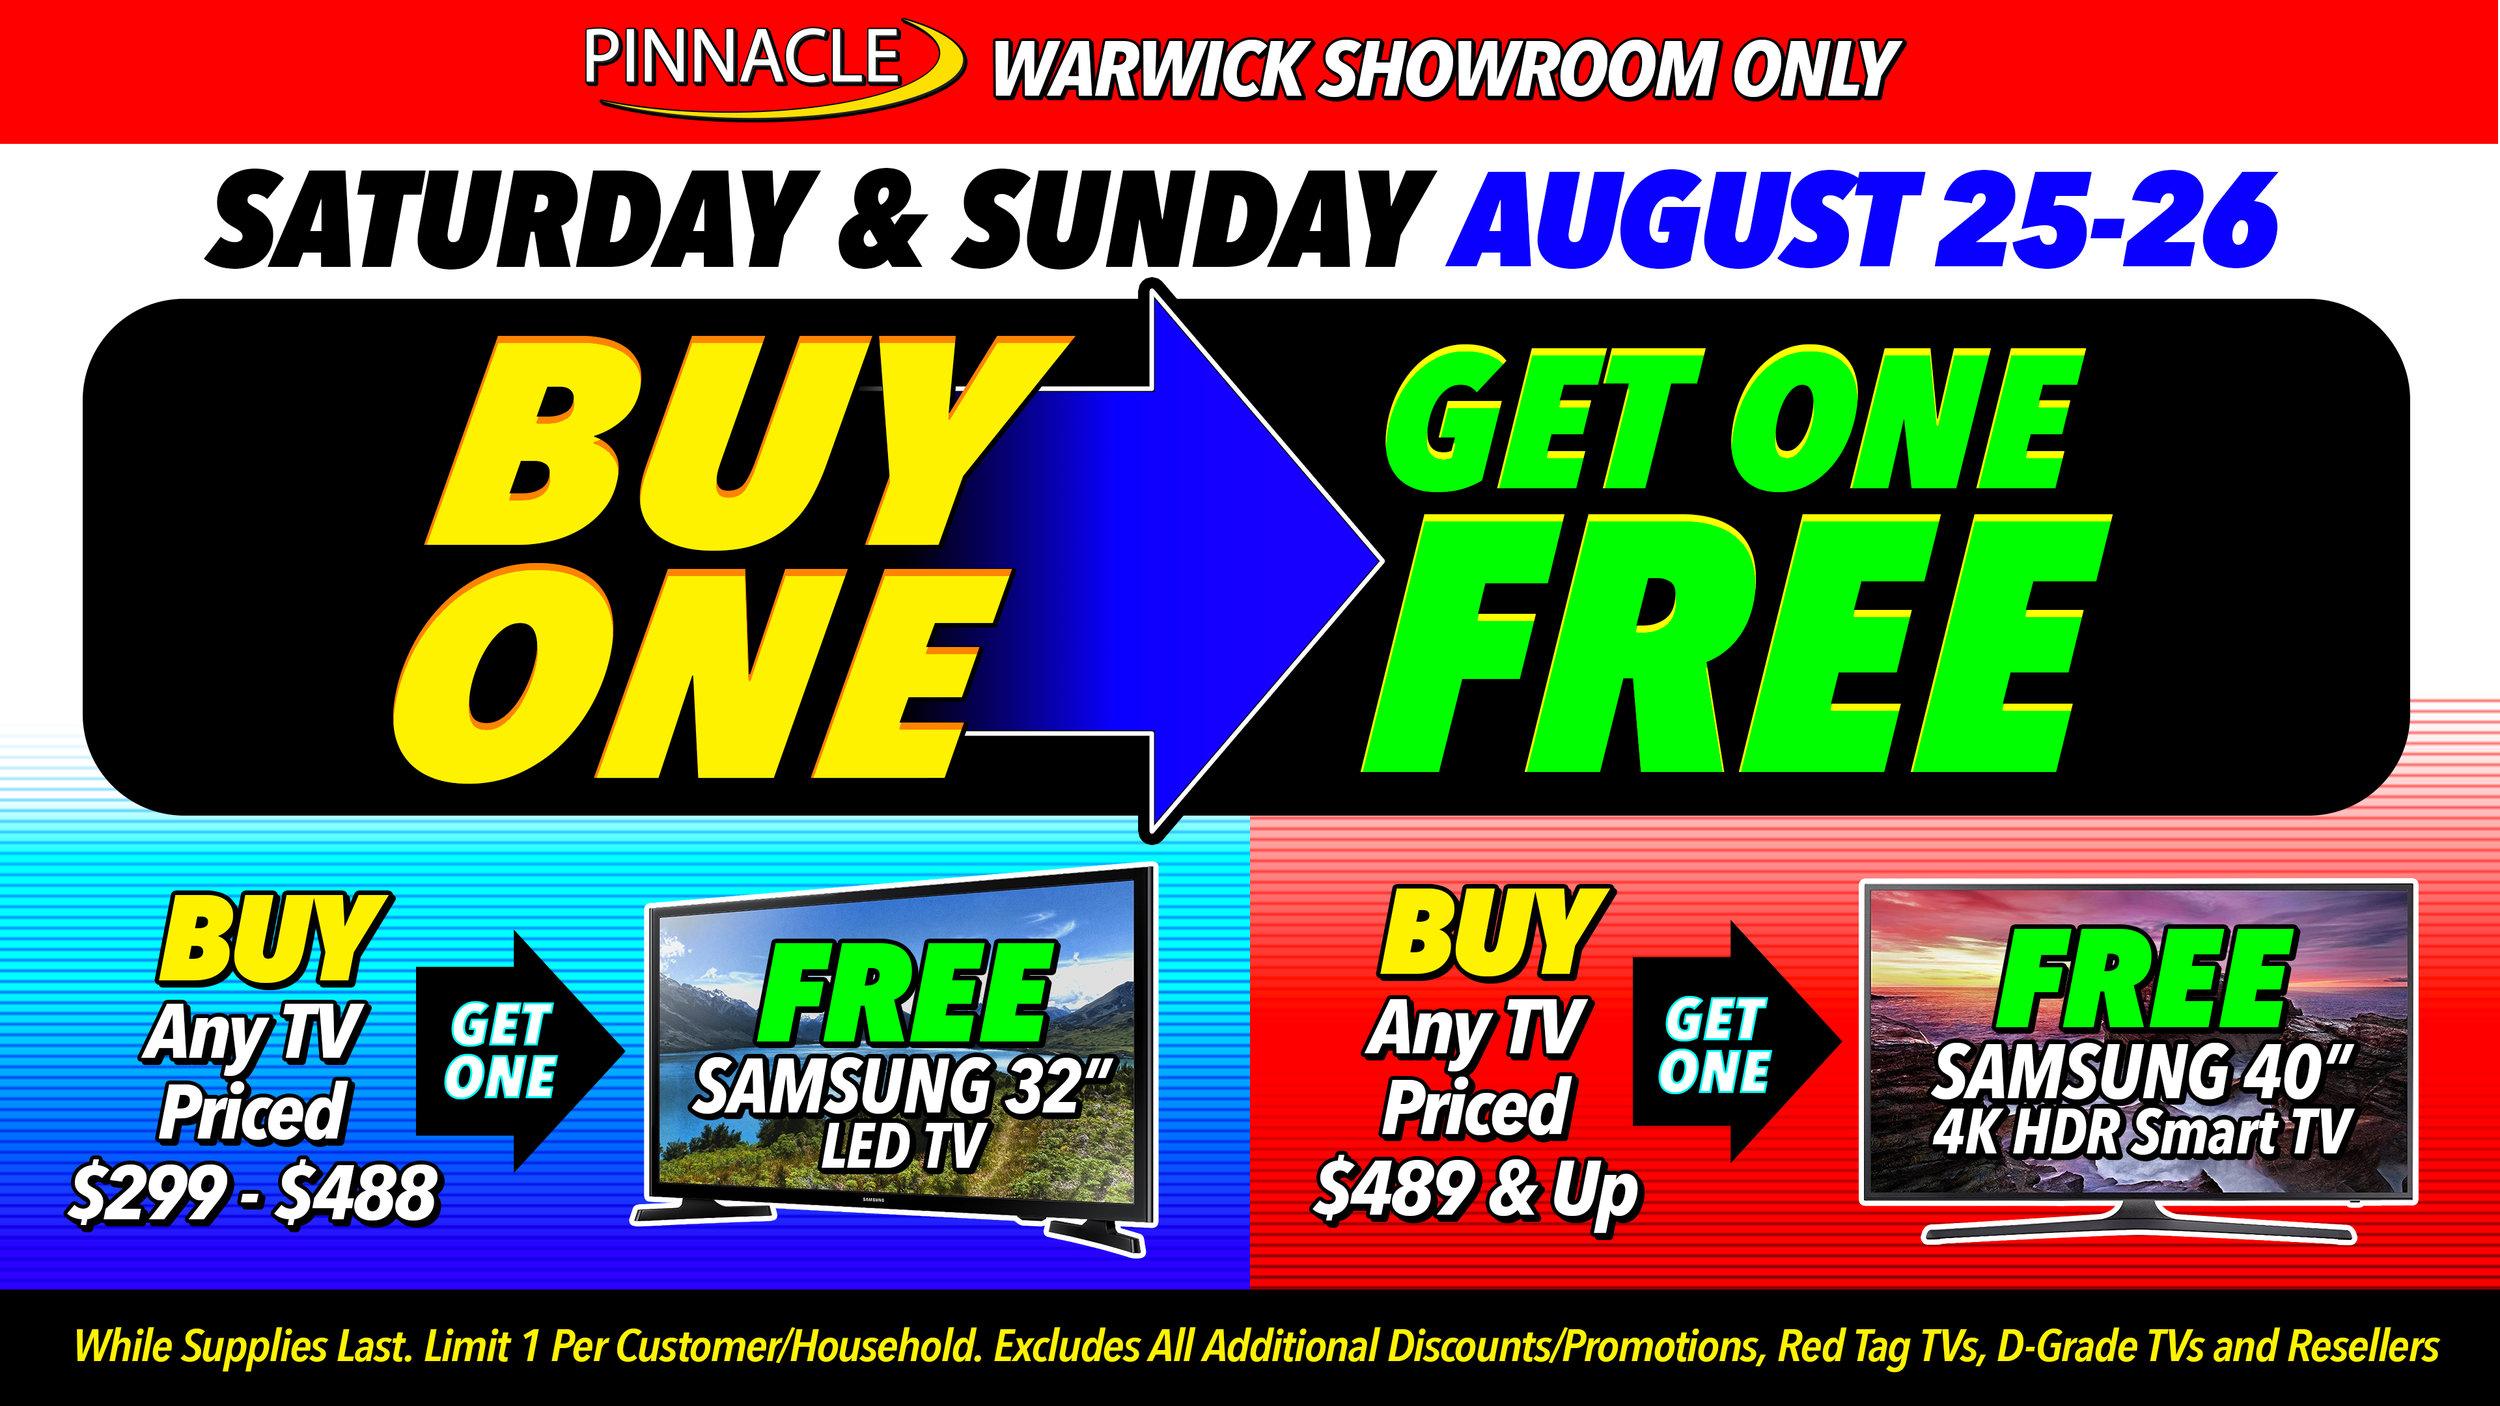 Buy-One-Get-One-4K_v2.jpg